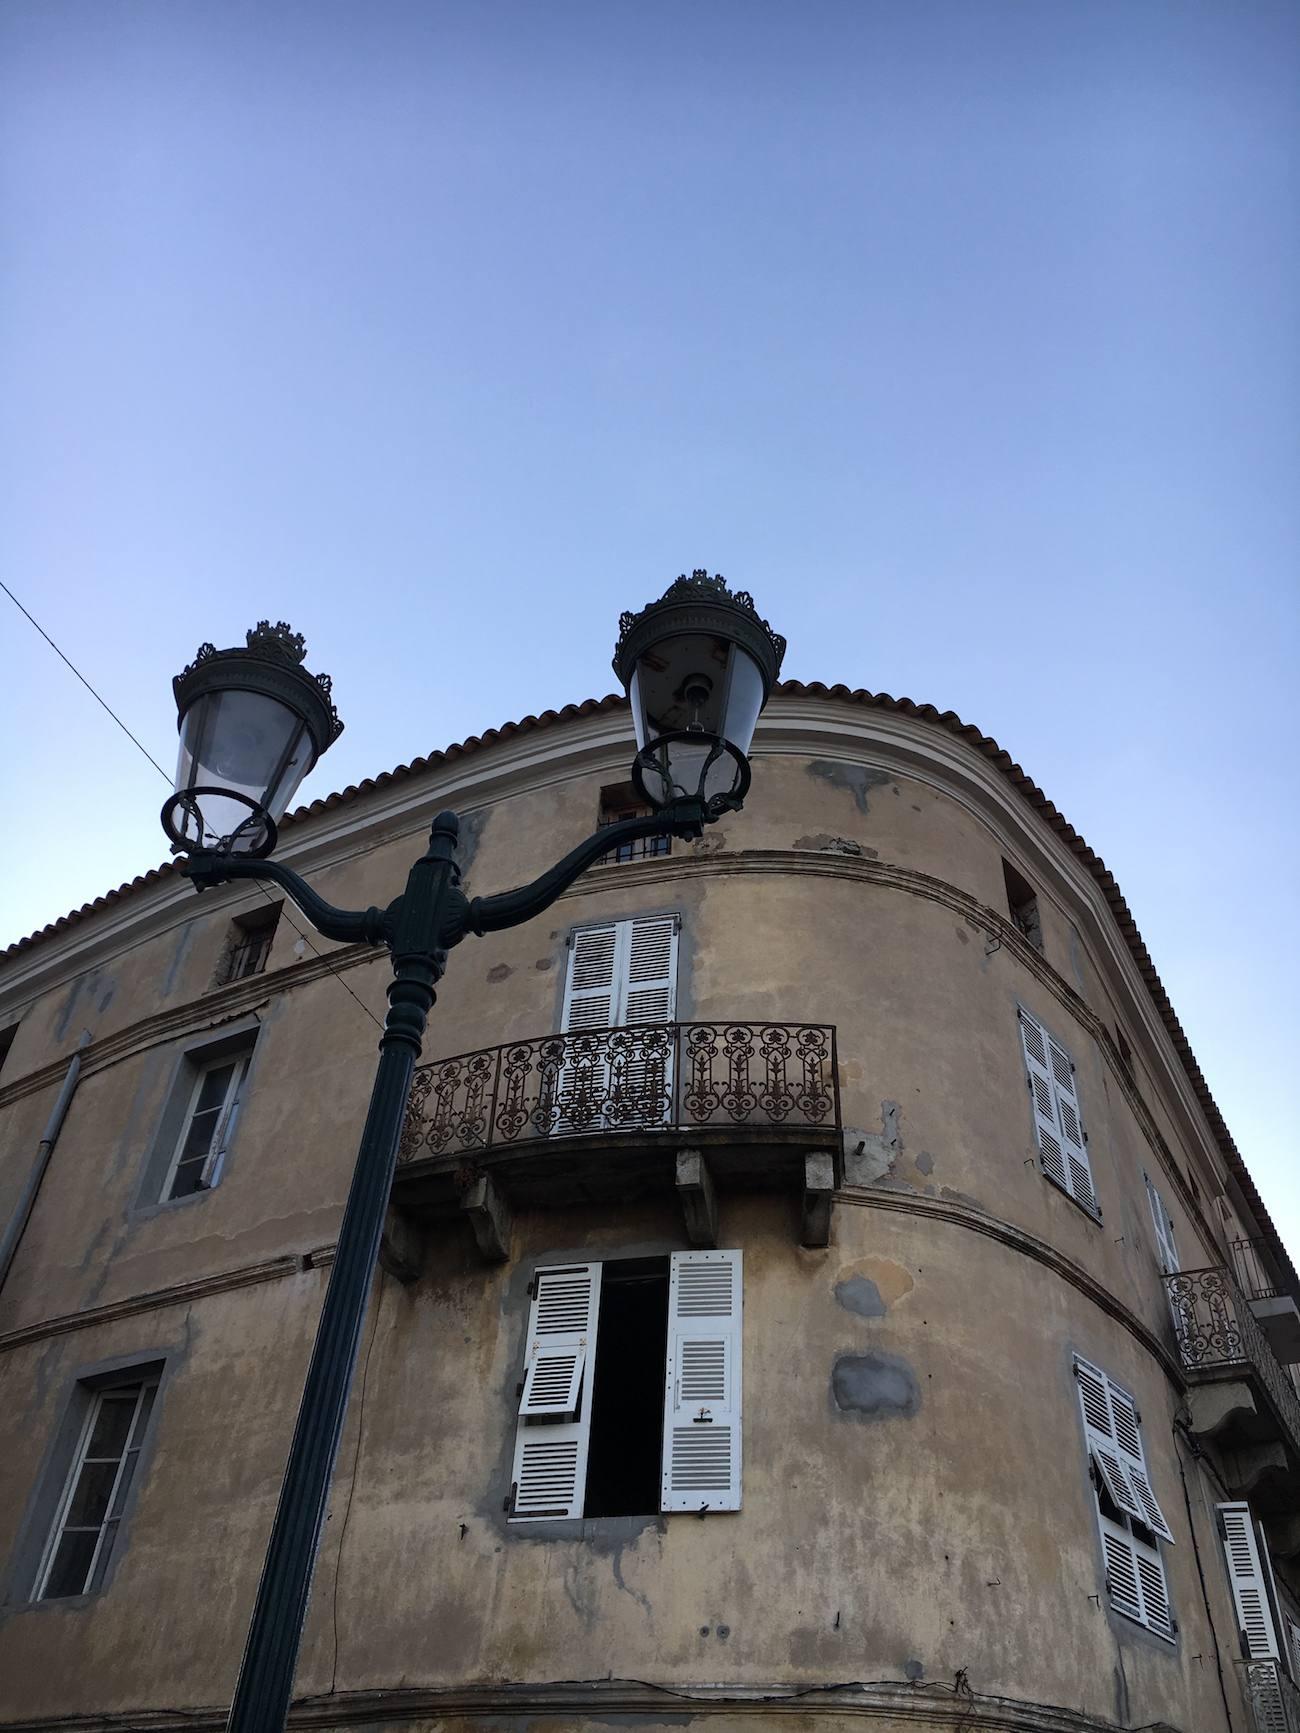 Corse - Road trip bonnes adresses - Blog Voyage nantes 12